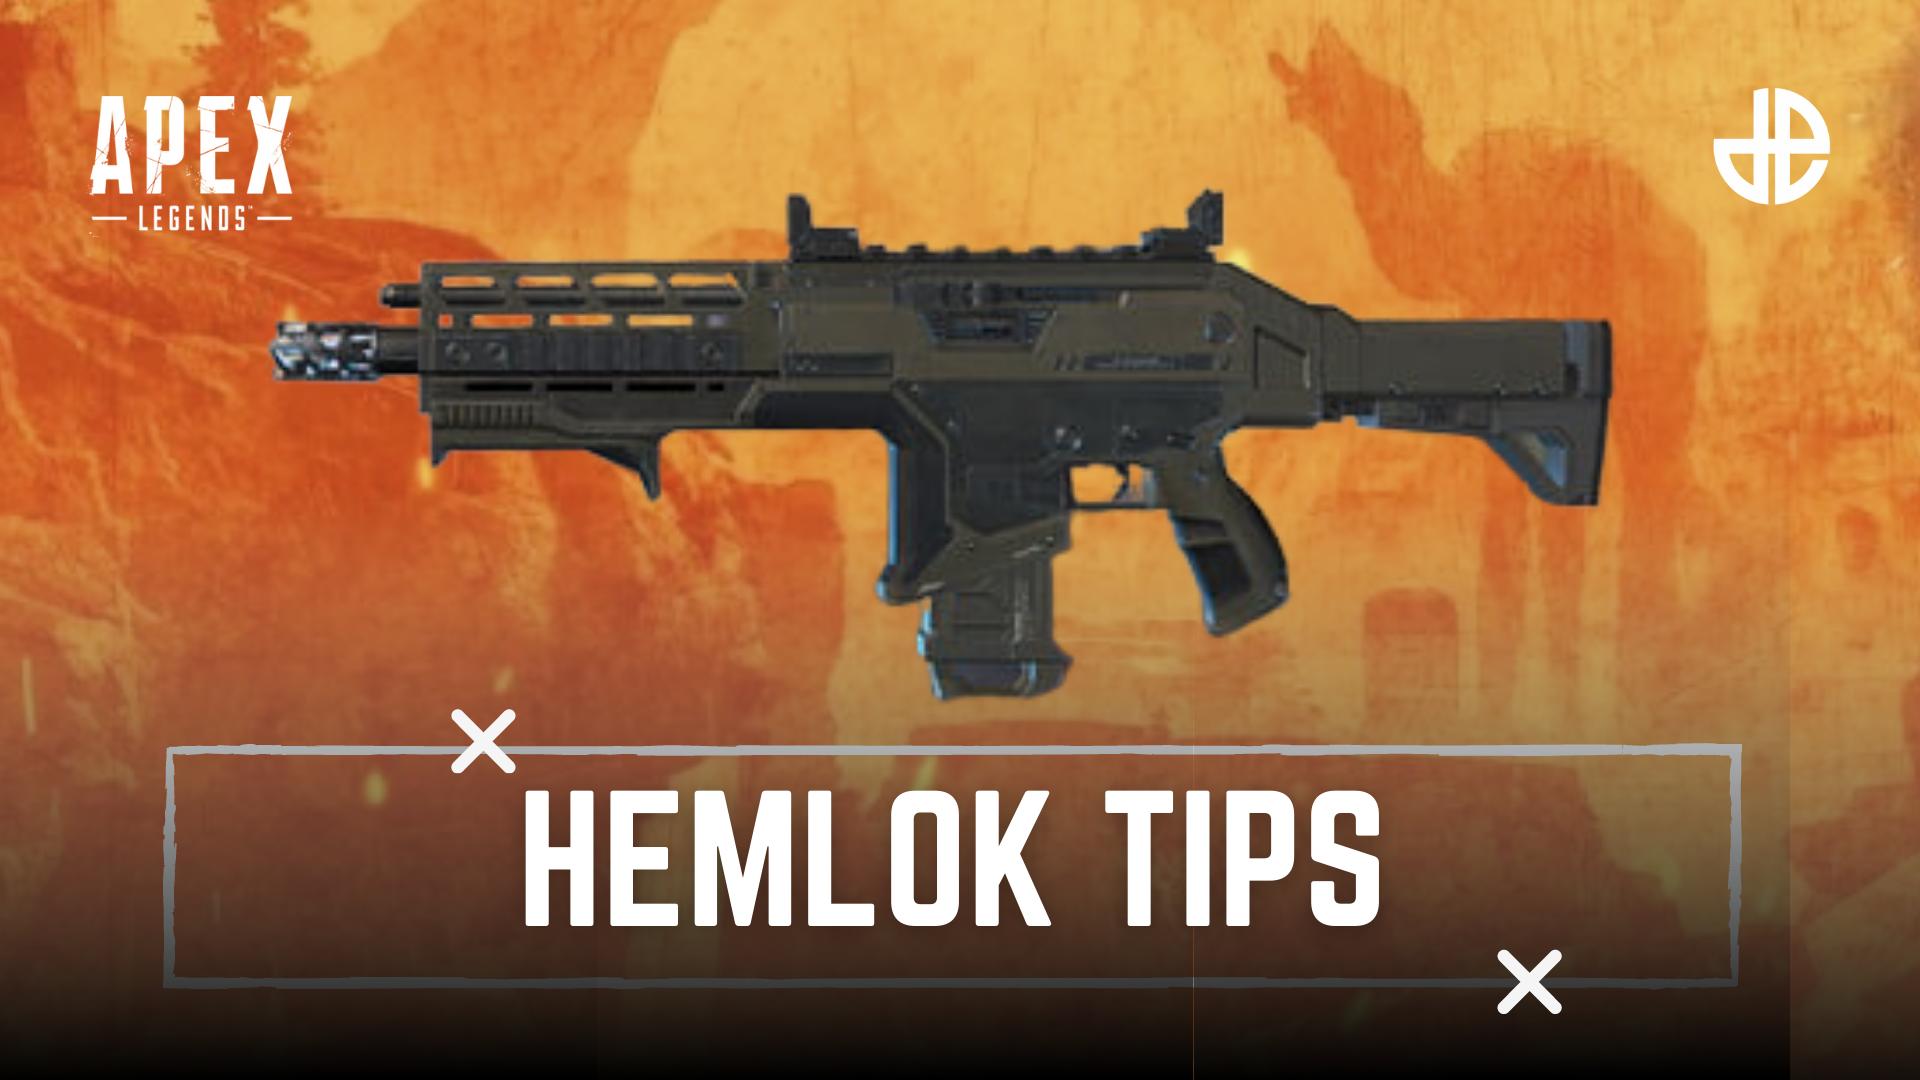 Hemlok tips